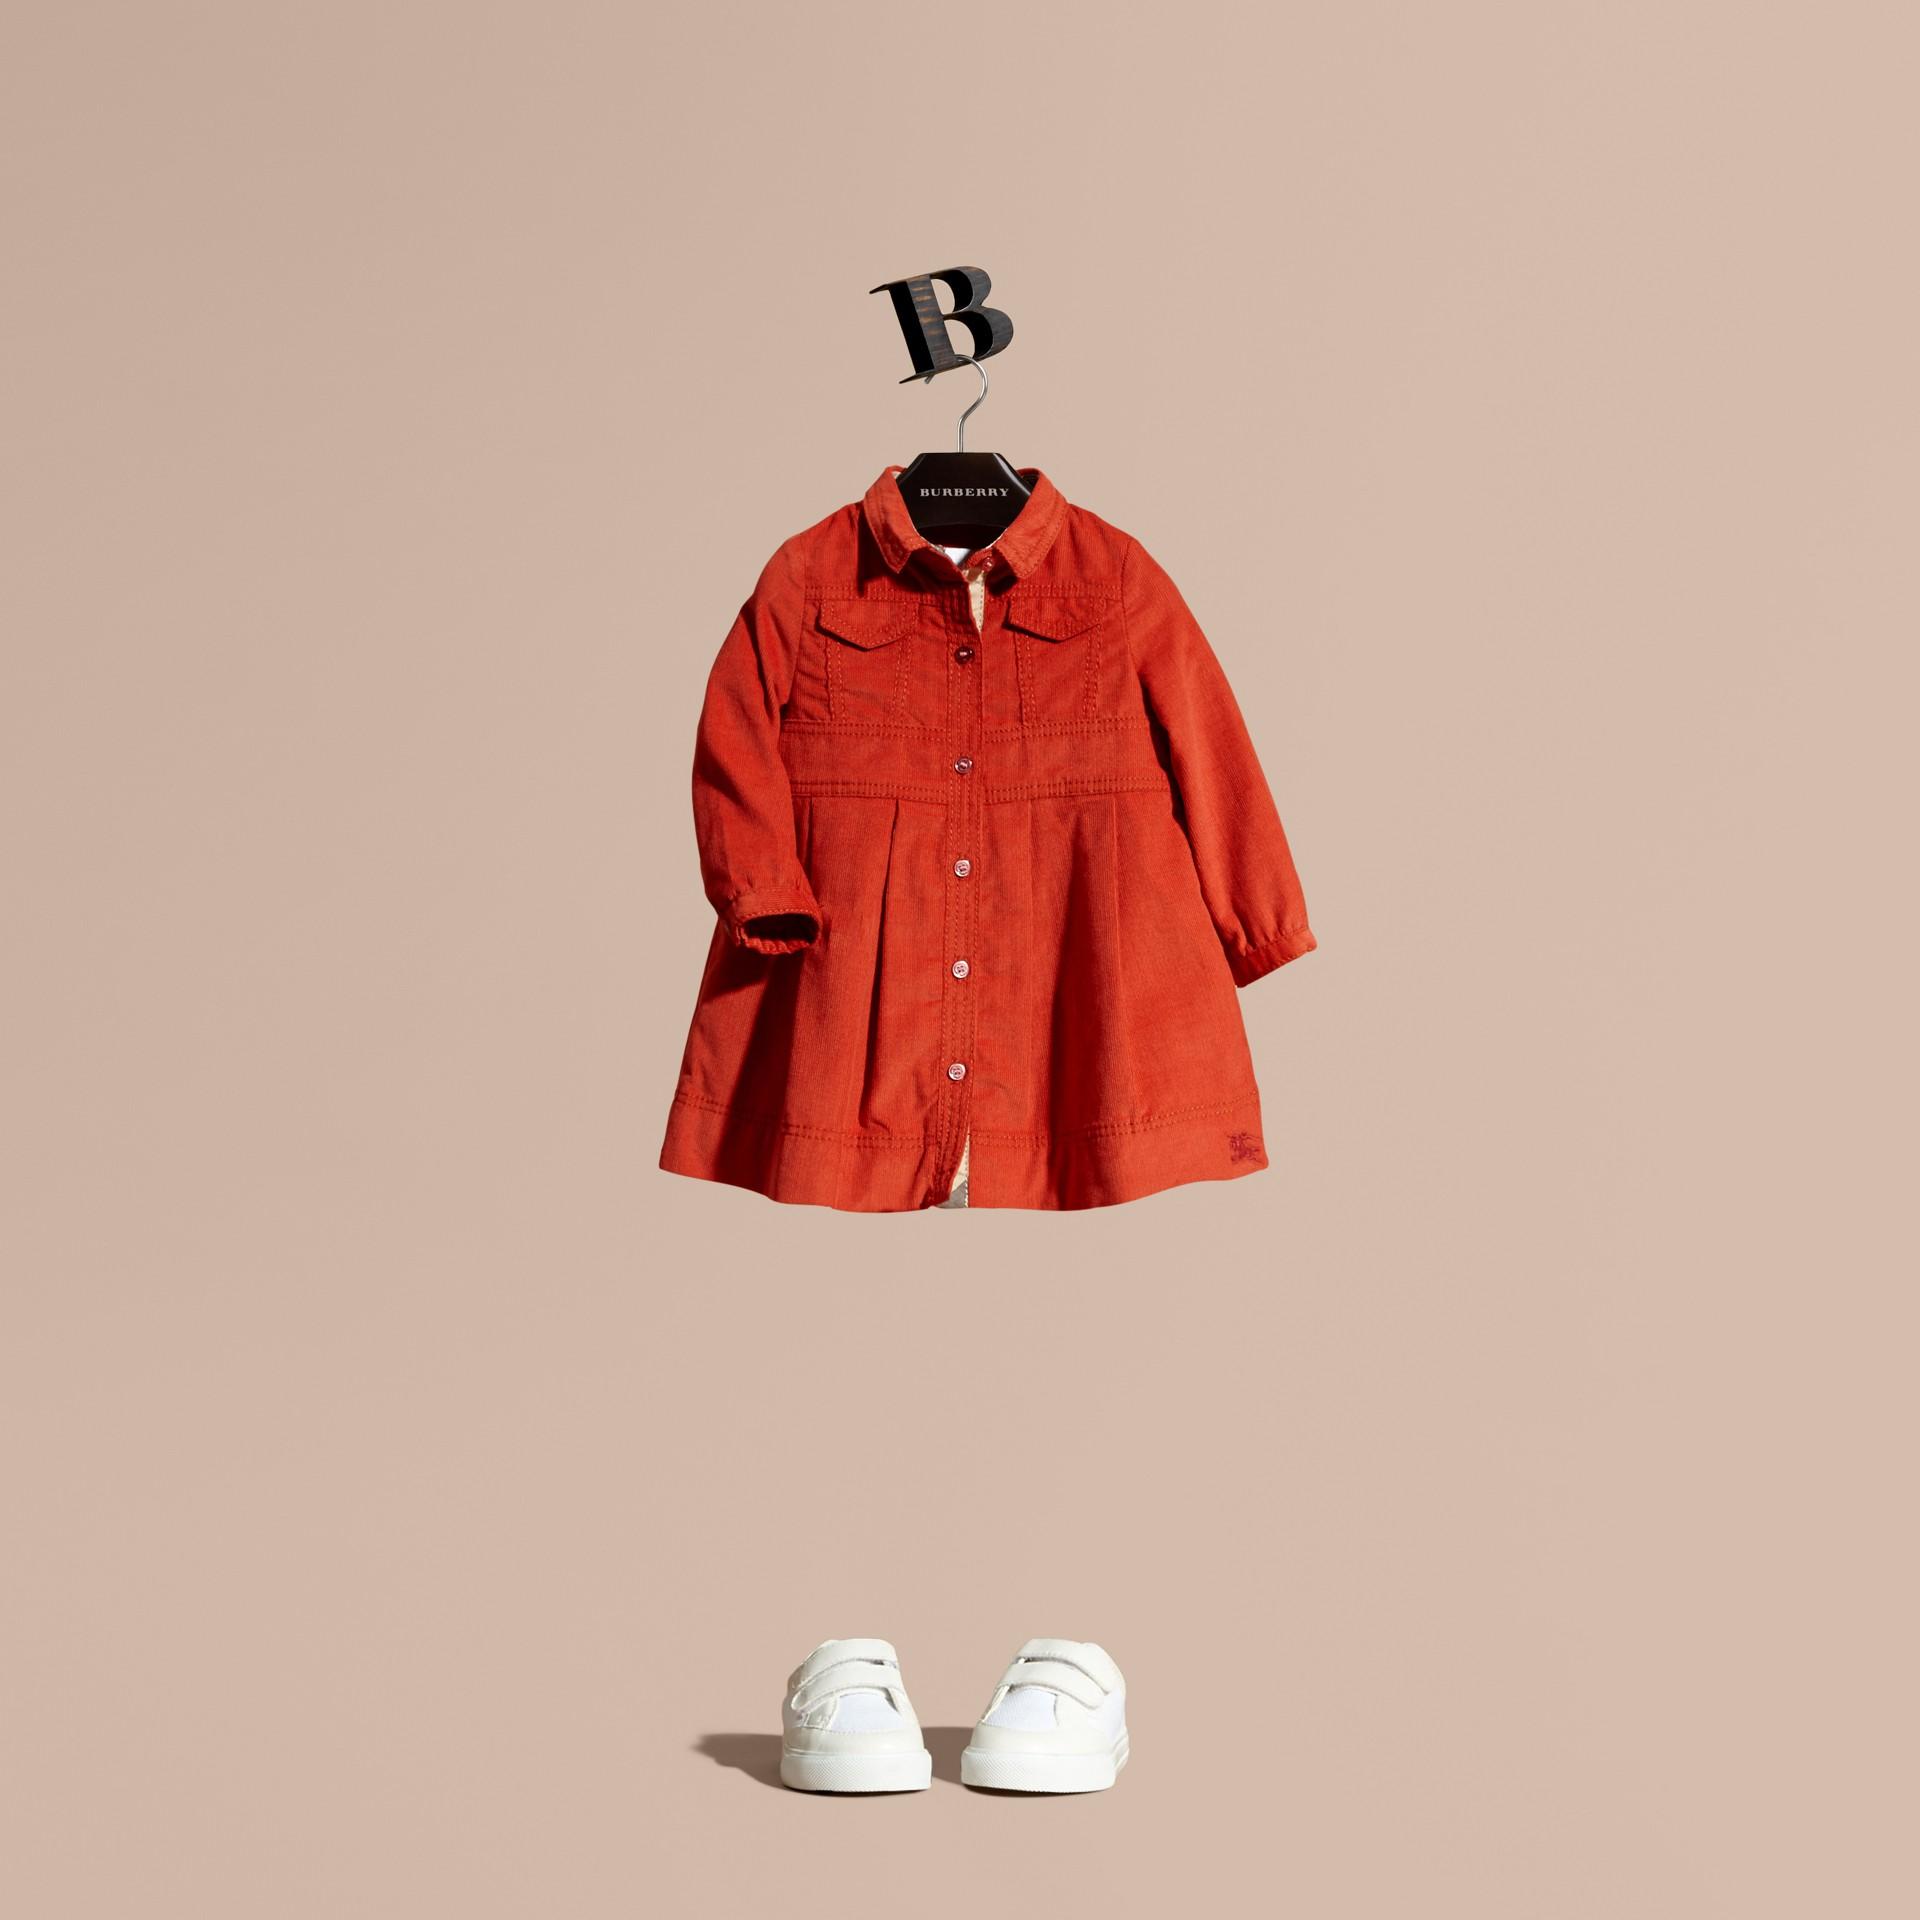 Rosso arancione Abito chemisier in corduroy di cotone Rosso Arancione - immagine della galleria 1